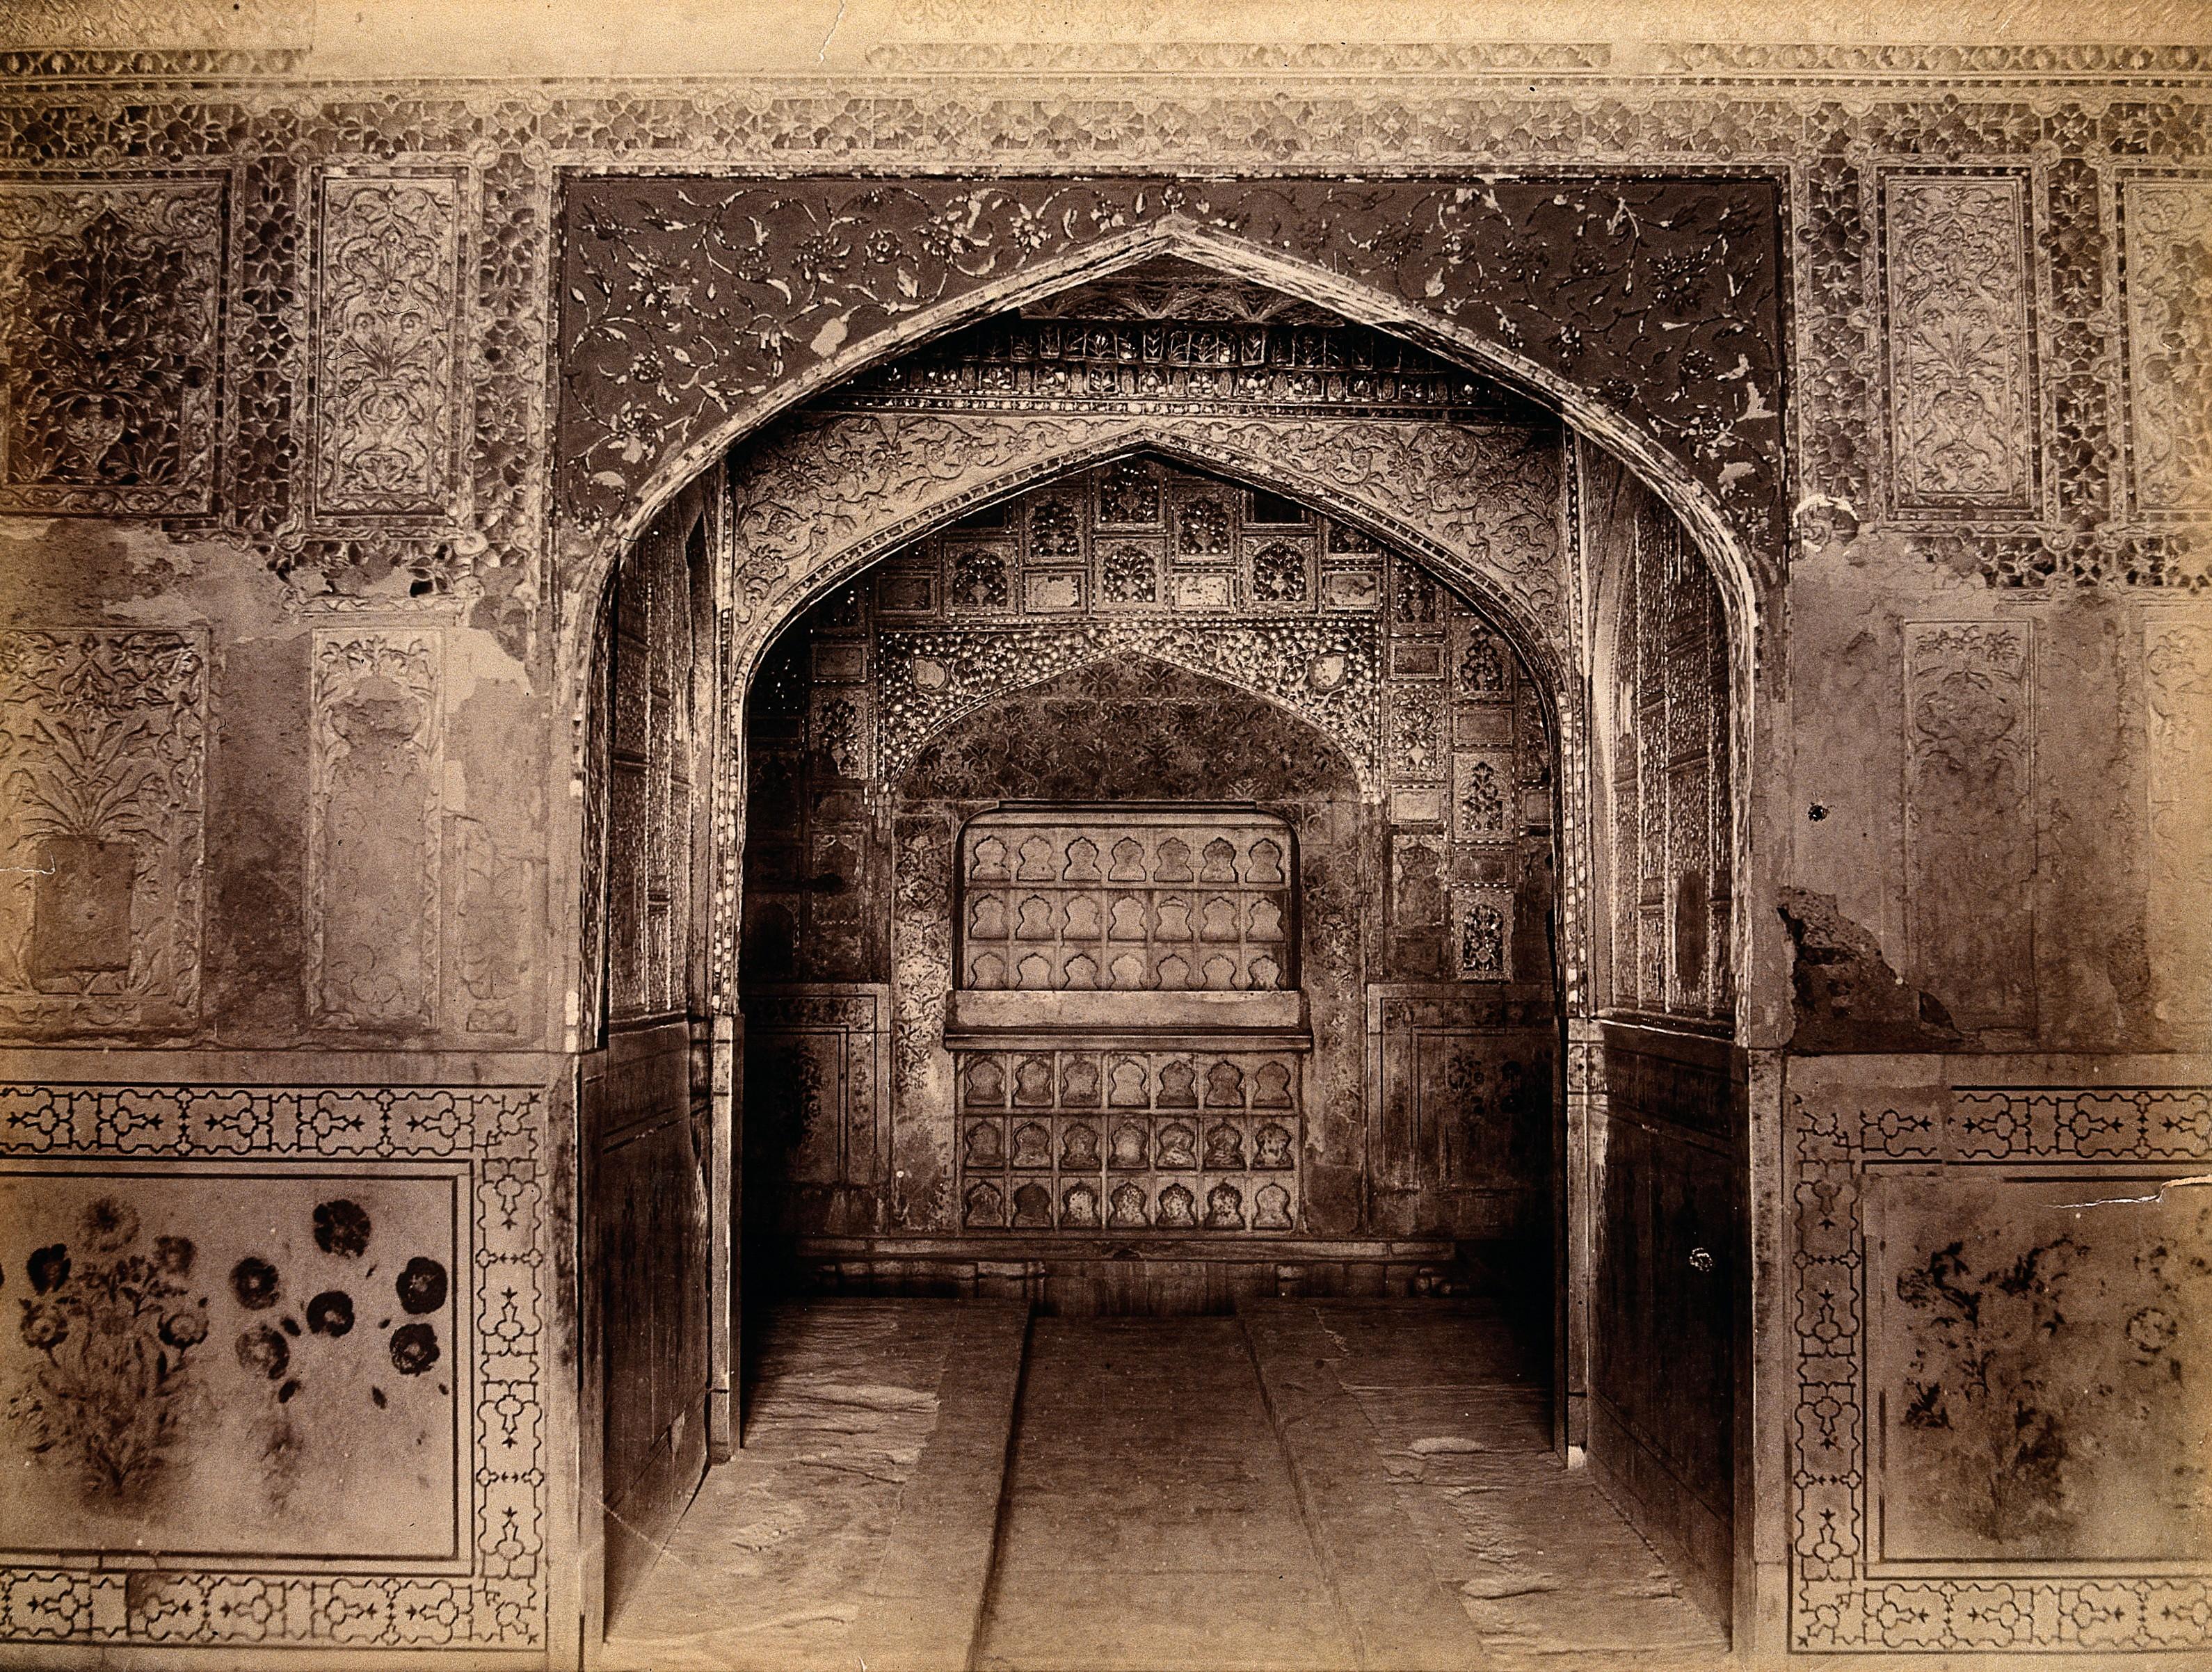 File:Interior Of The Taj Mahal, India Wellcome V0037719